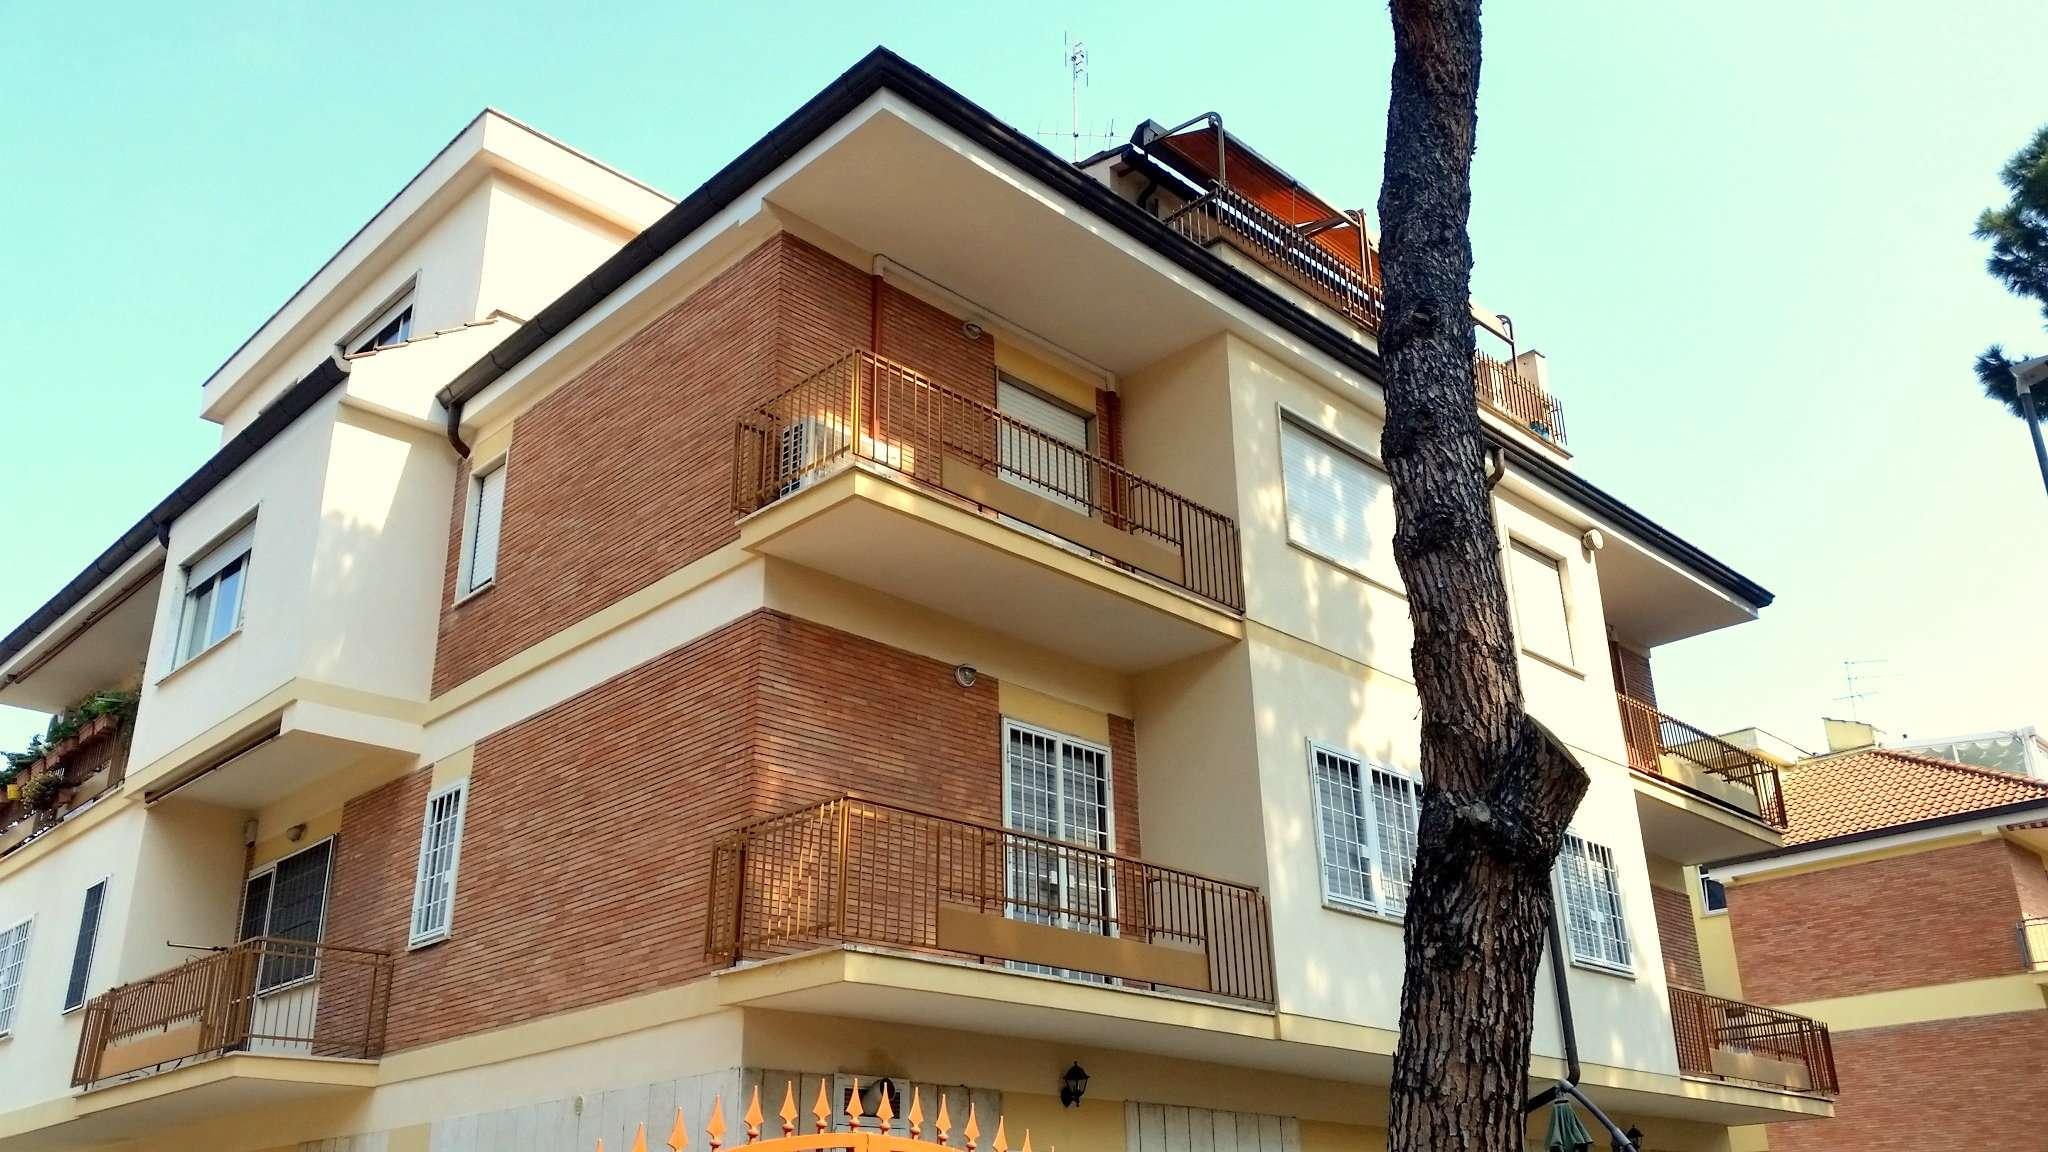 Appartamenti in affitto a roma in zona statuario cerca for Appartamenti arredati in affitto roma